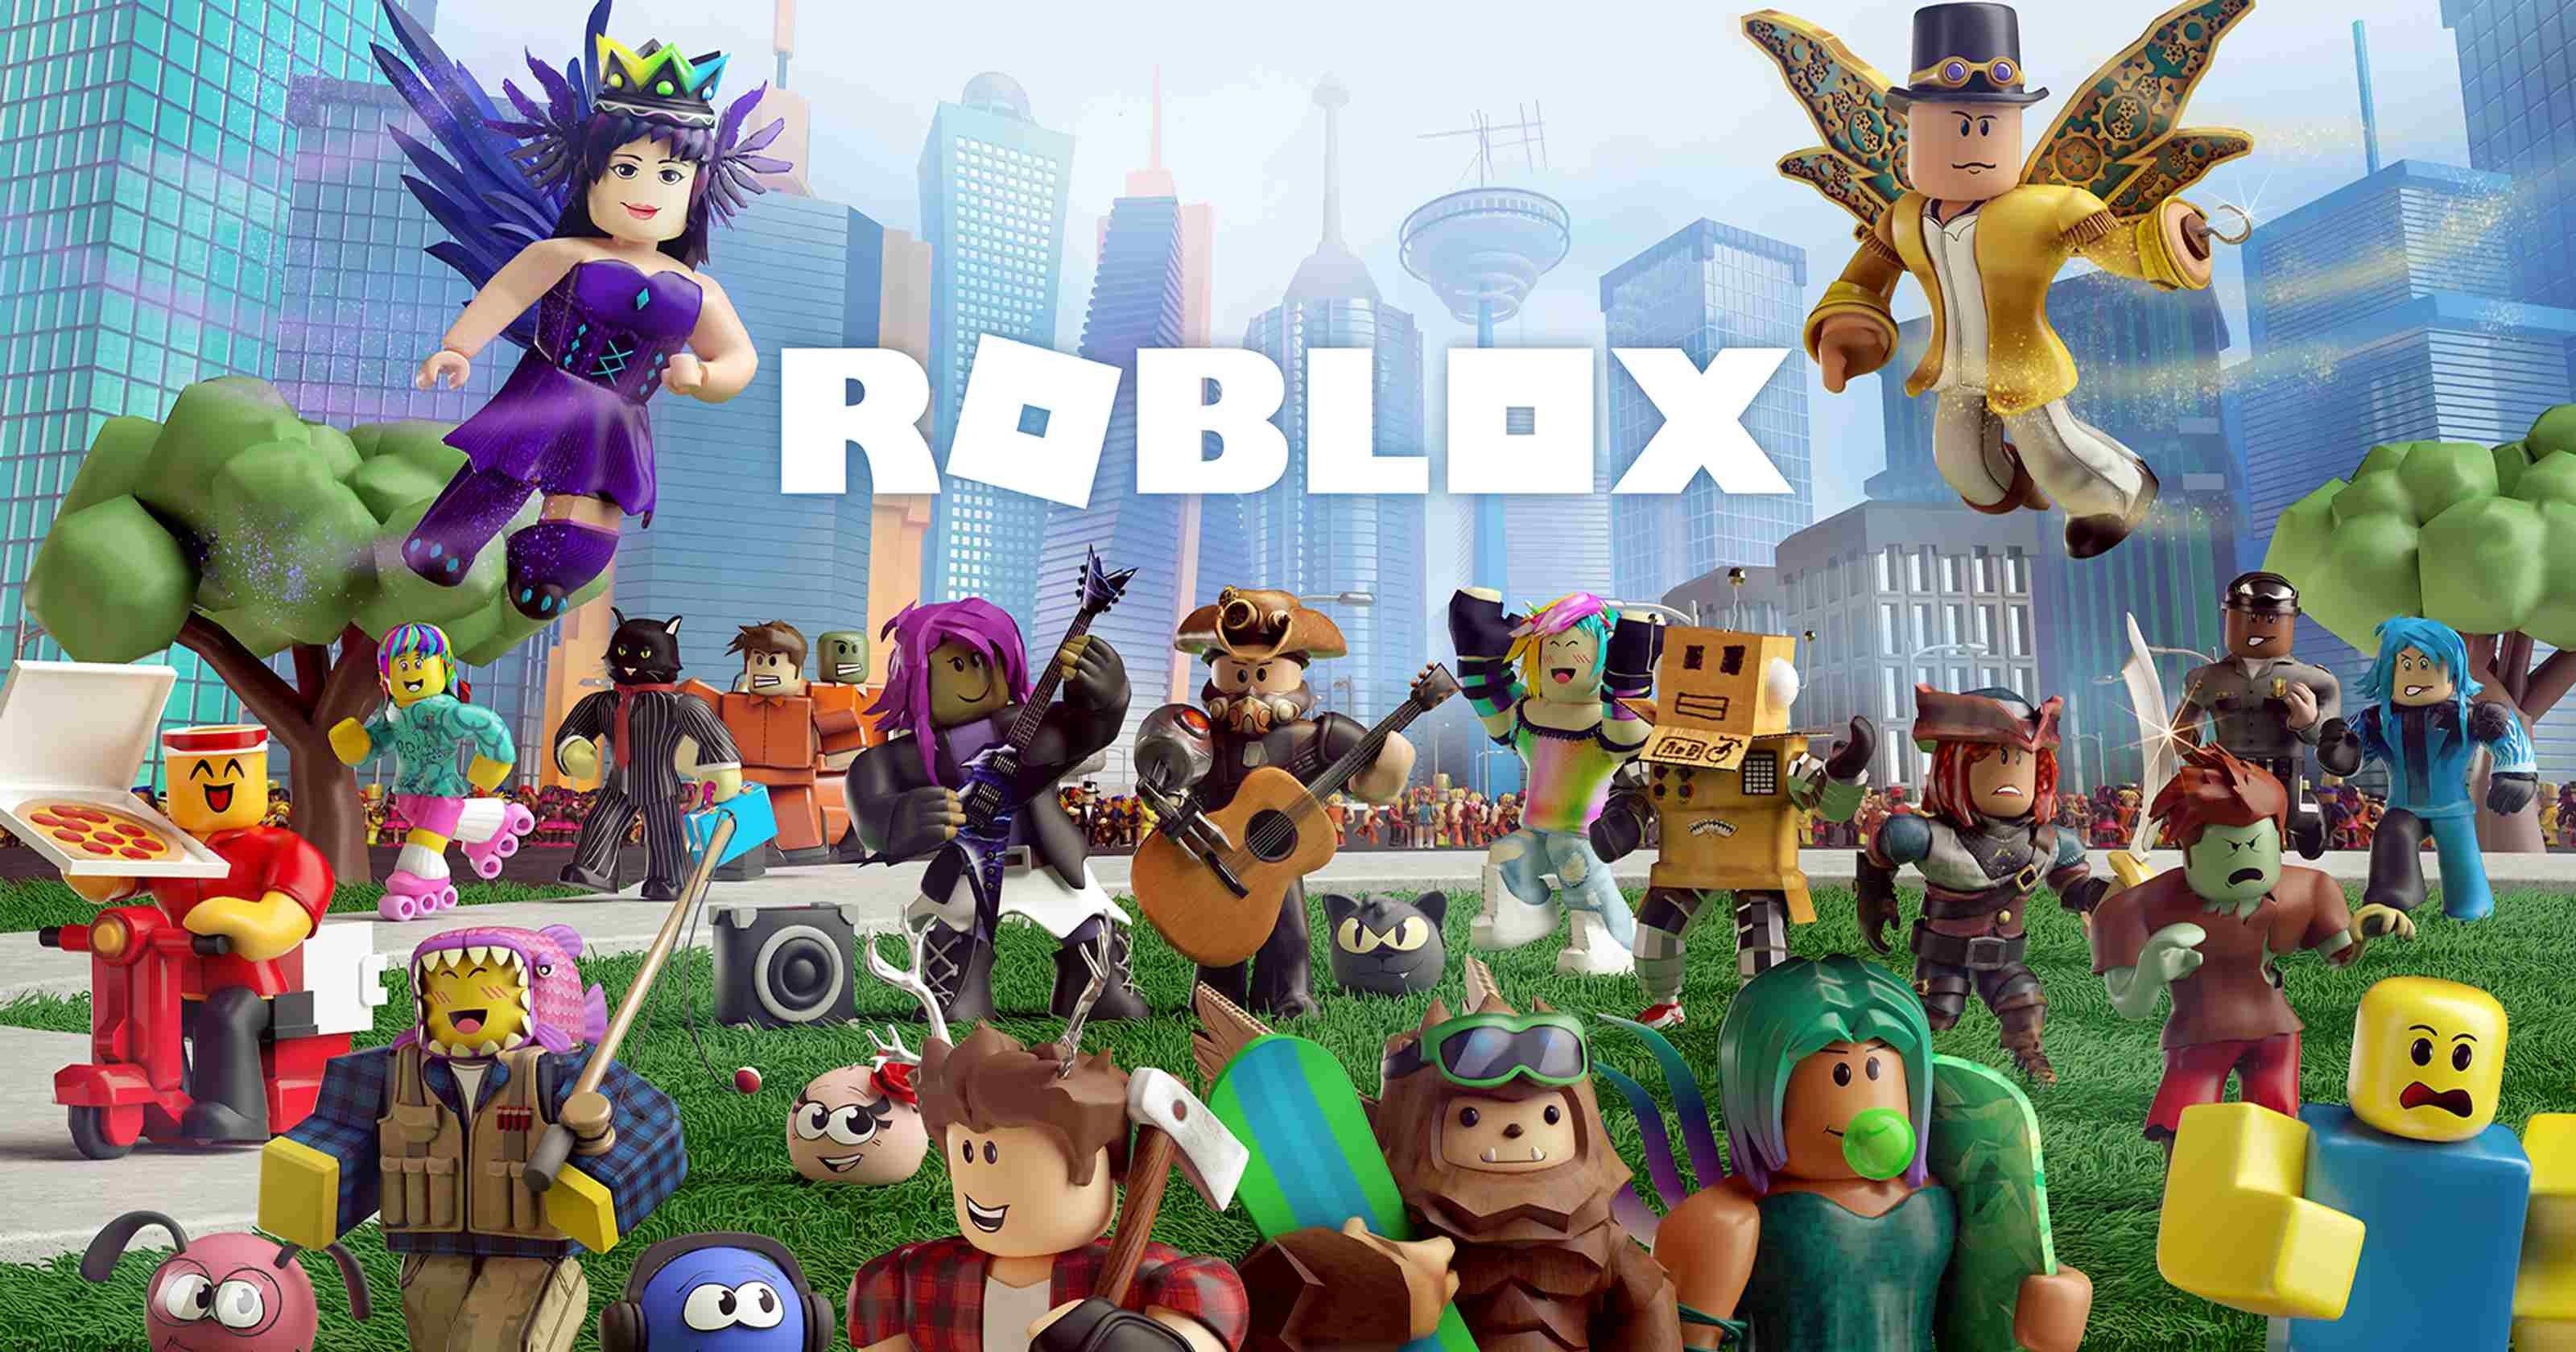 Trucchi Roblox: Come avere Robux Gratis